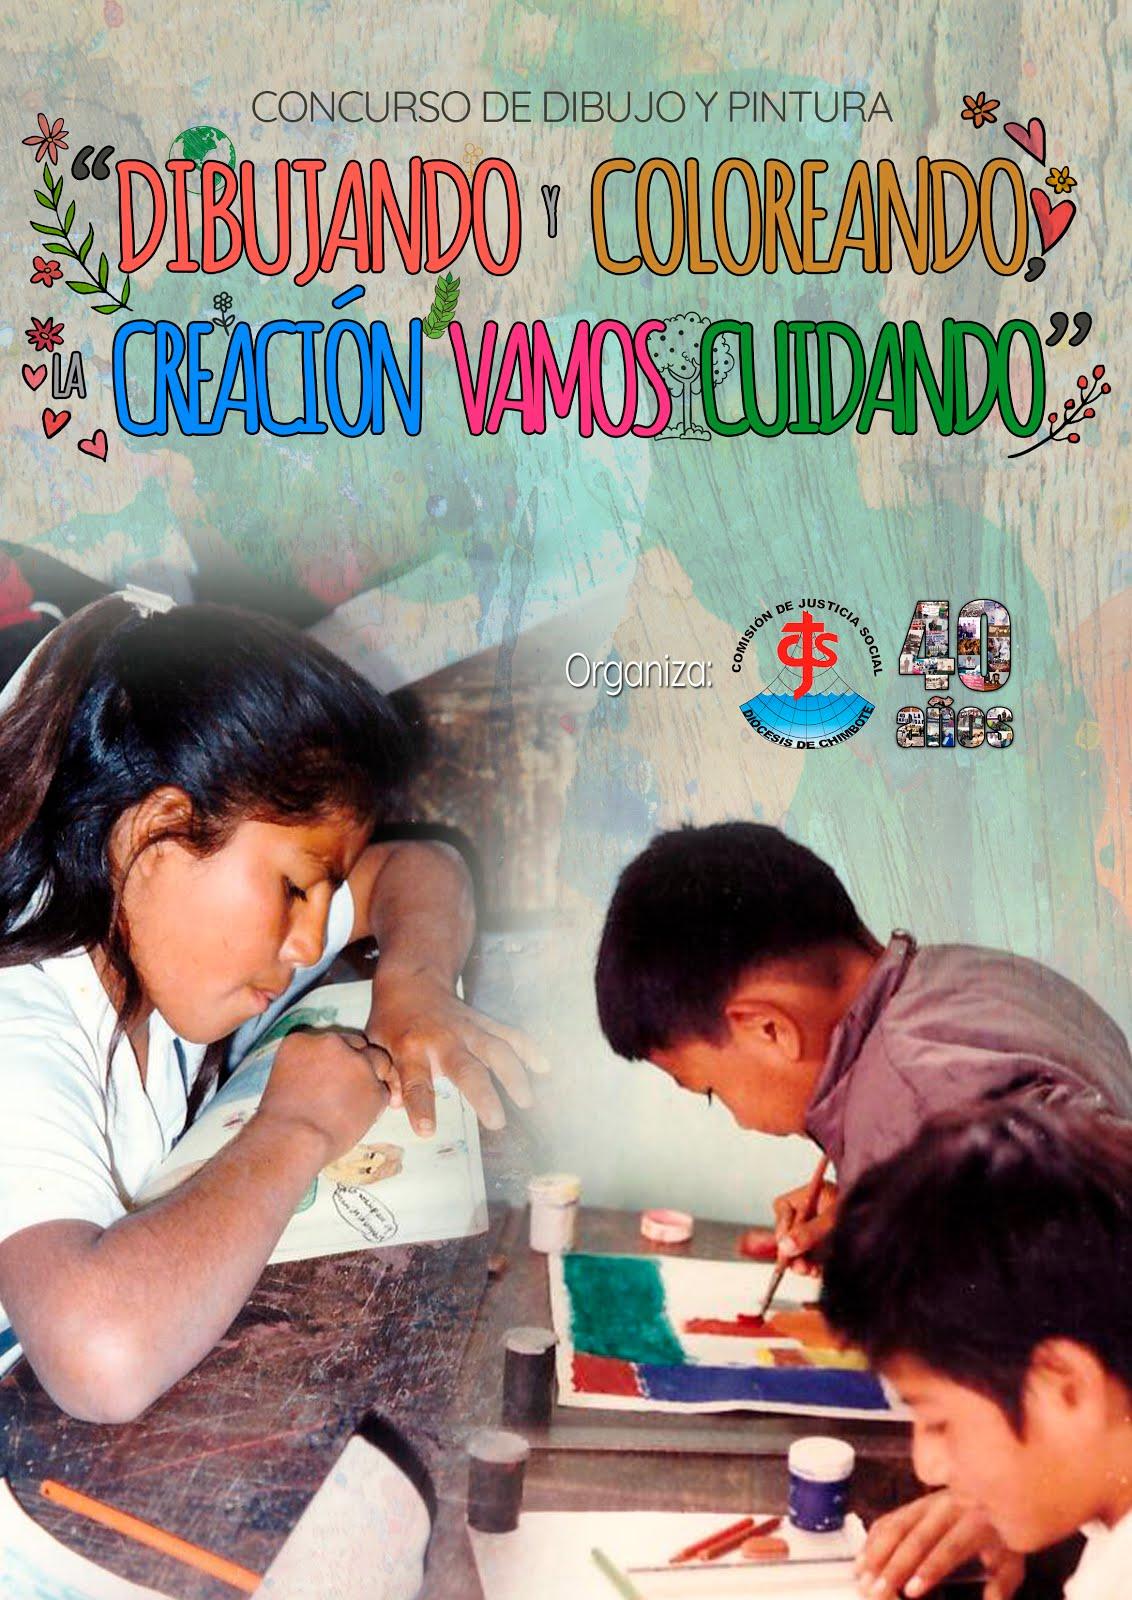 """Concurso de dibujo y pintura """"DIBUJANDO Y COLOREANDO, LA CREACIÓN VAMOS CUIDANDO"""""""